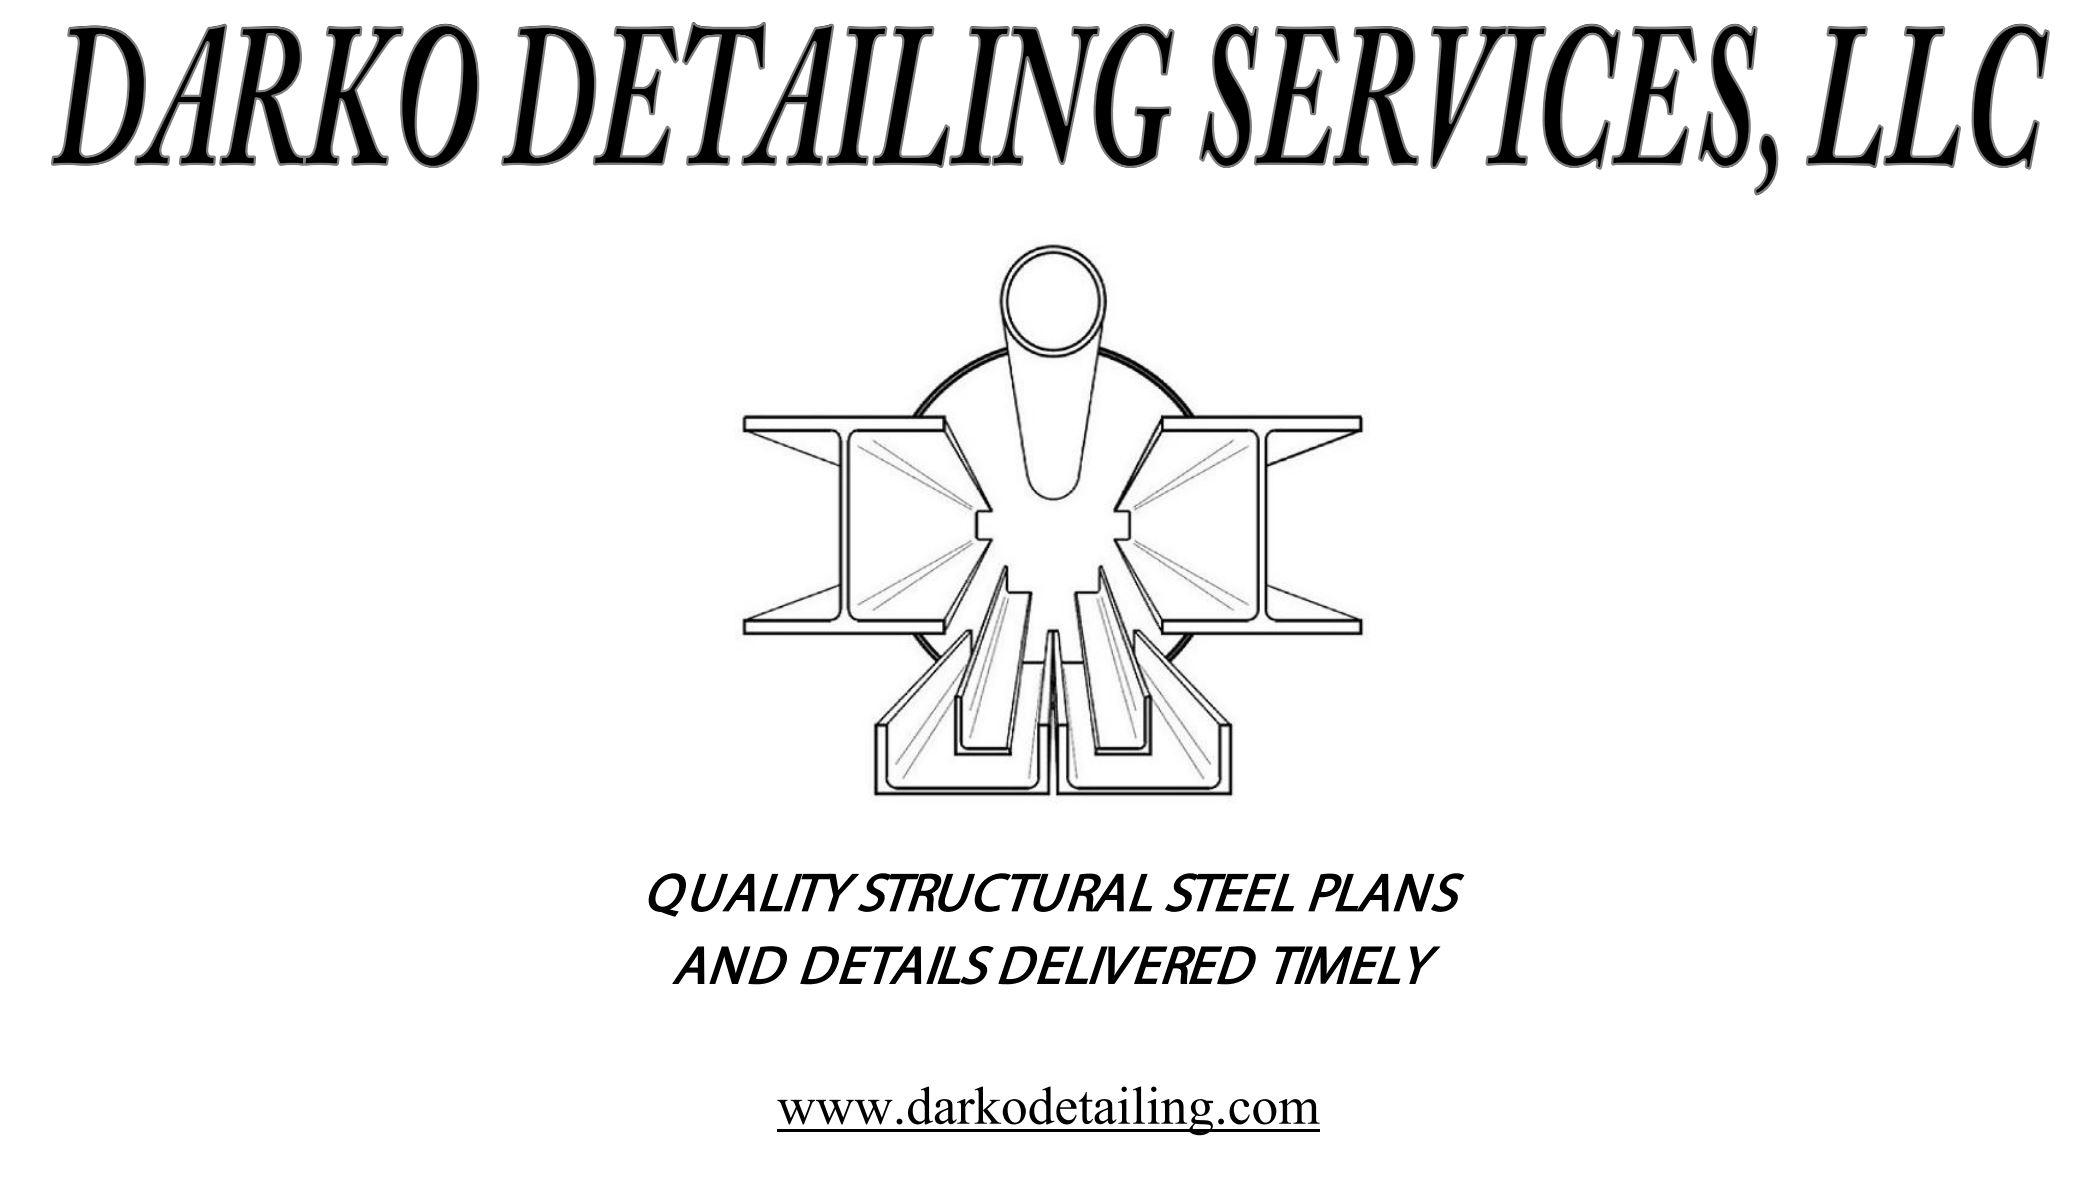 Darko Detailing Services